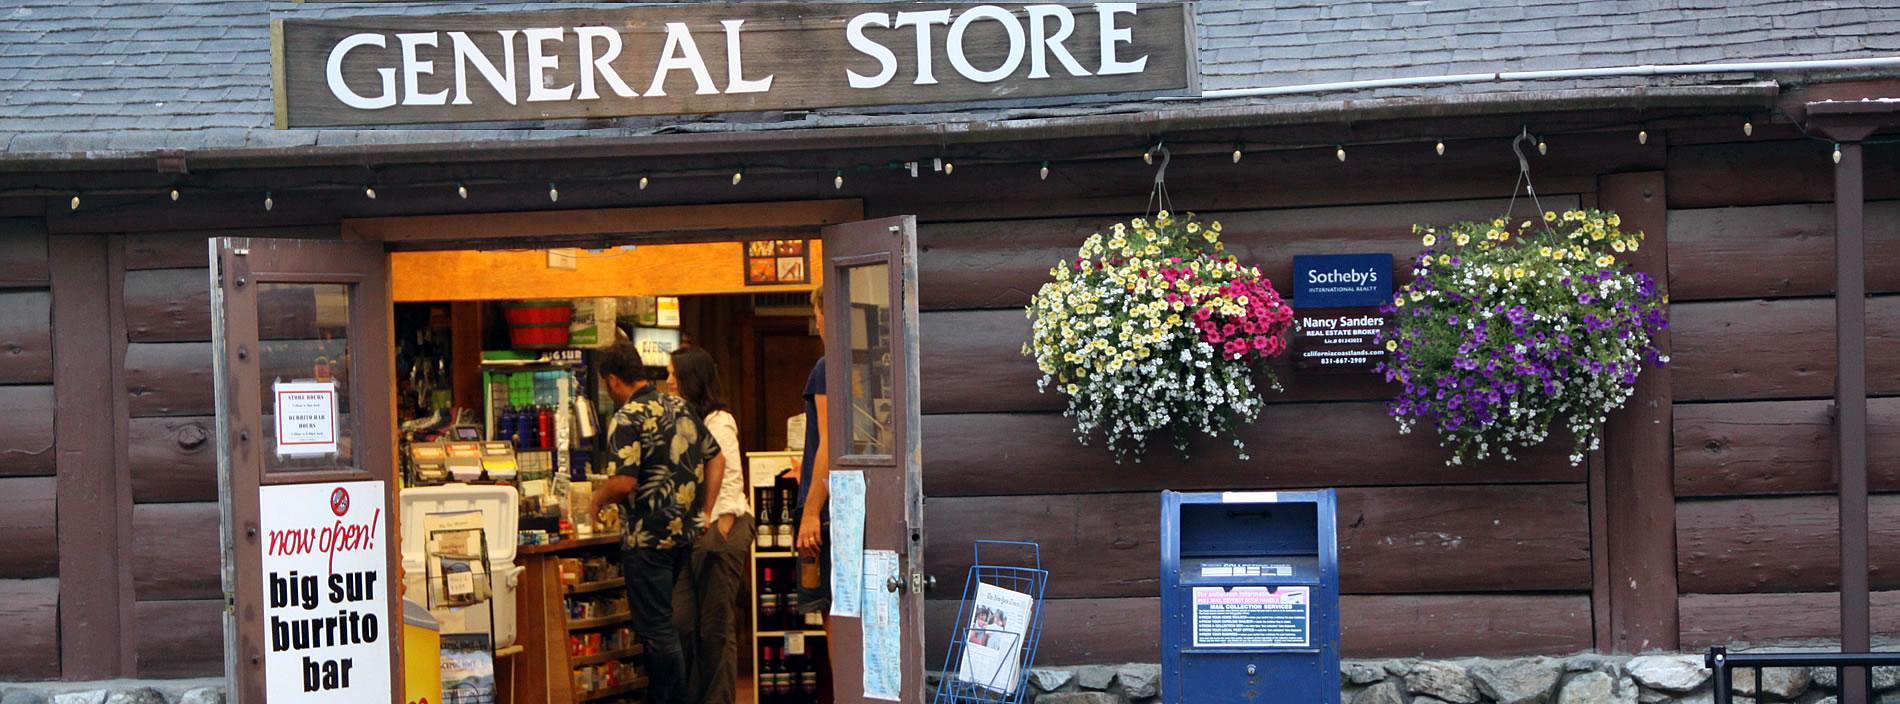 big sur river inn general store and burrito bar